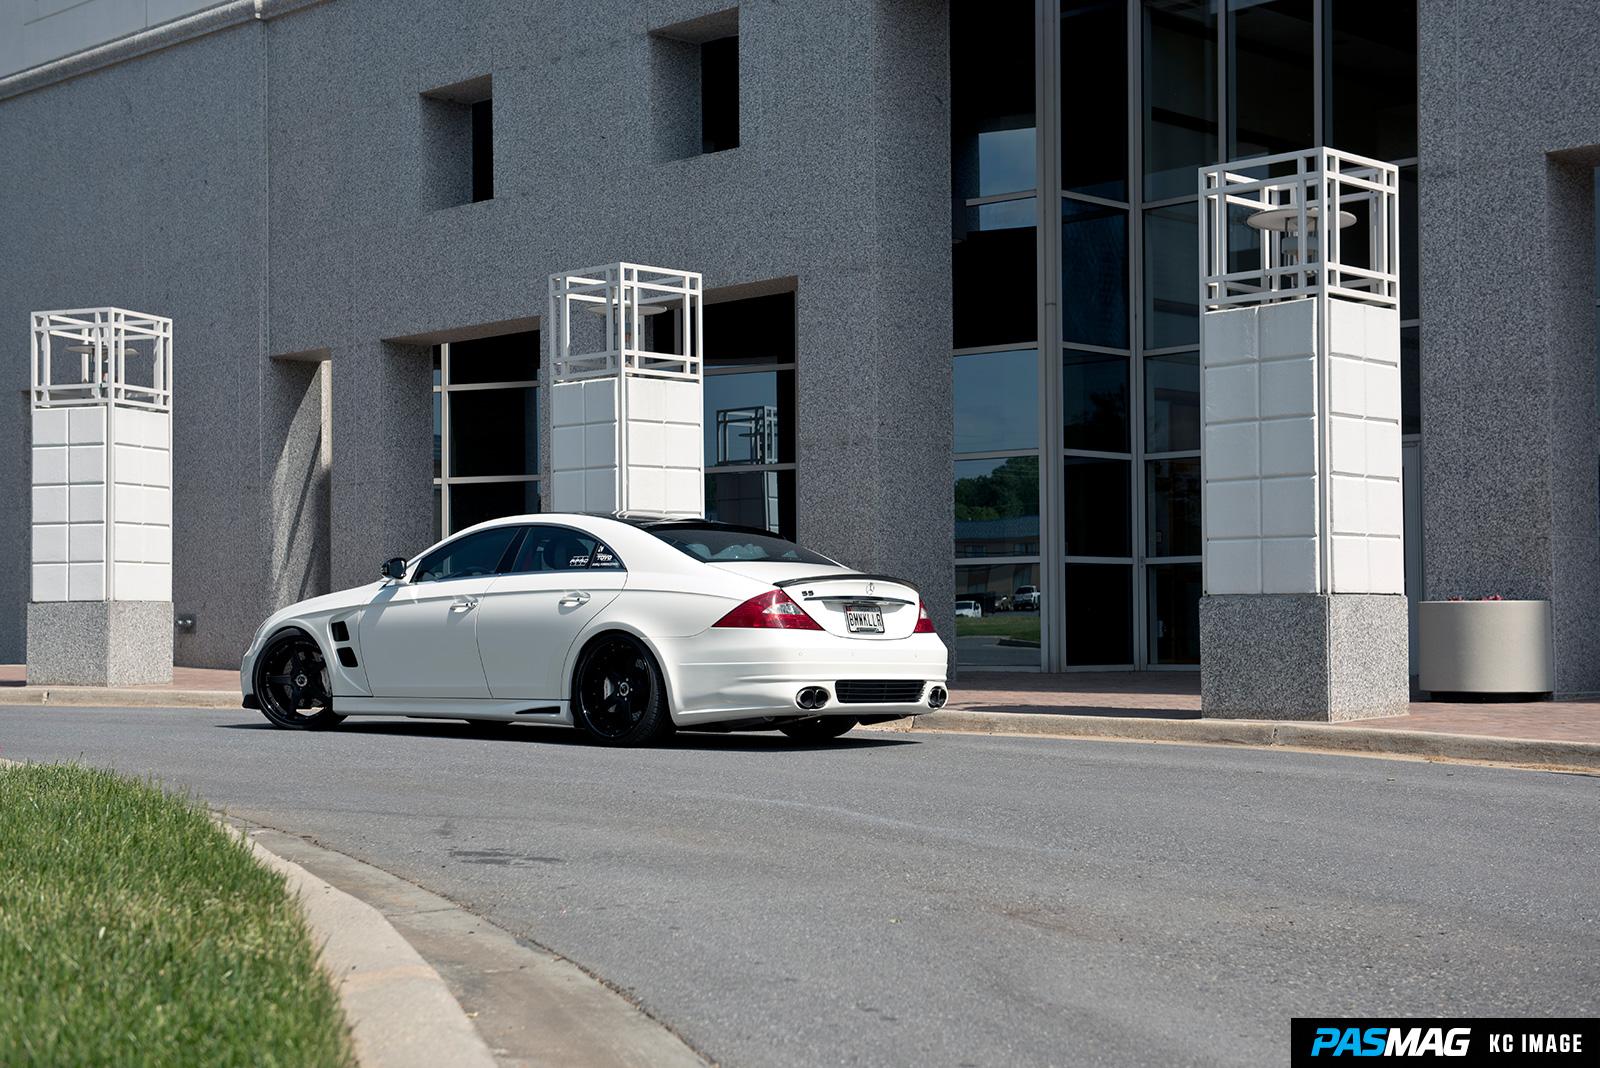 Impossible Swap: Brent Khelawan's 2006 Mercedes-Benz CLS500